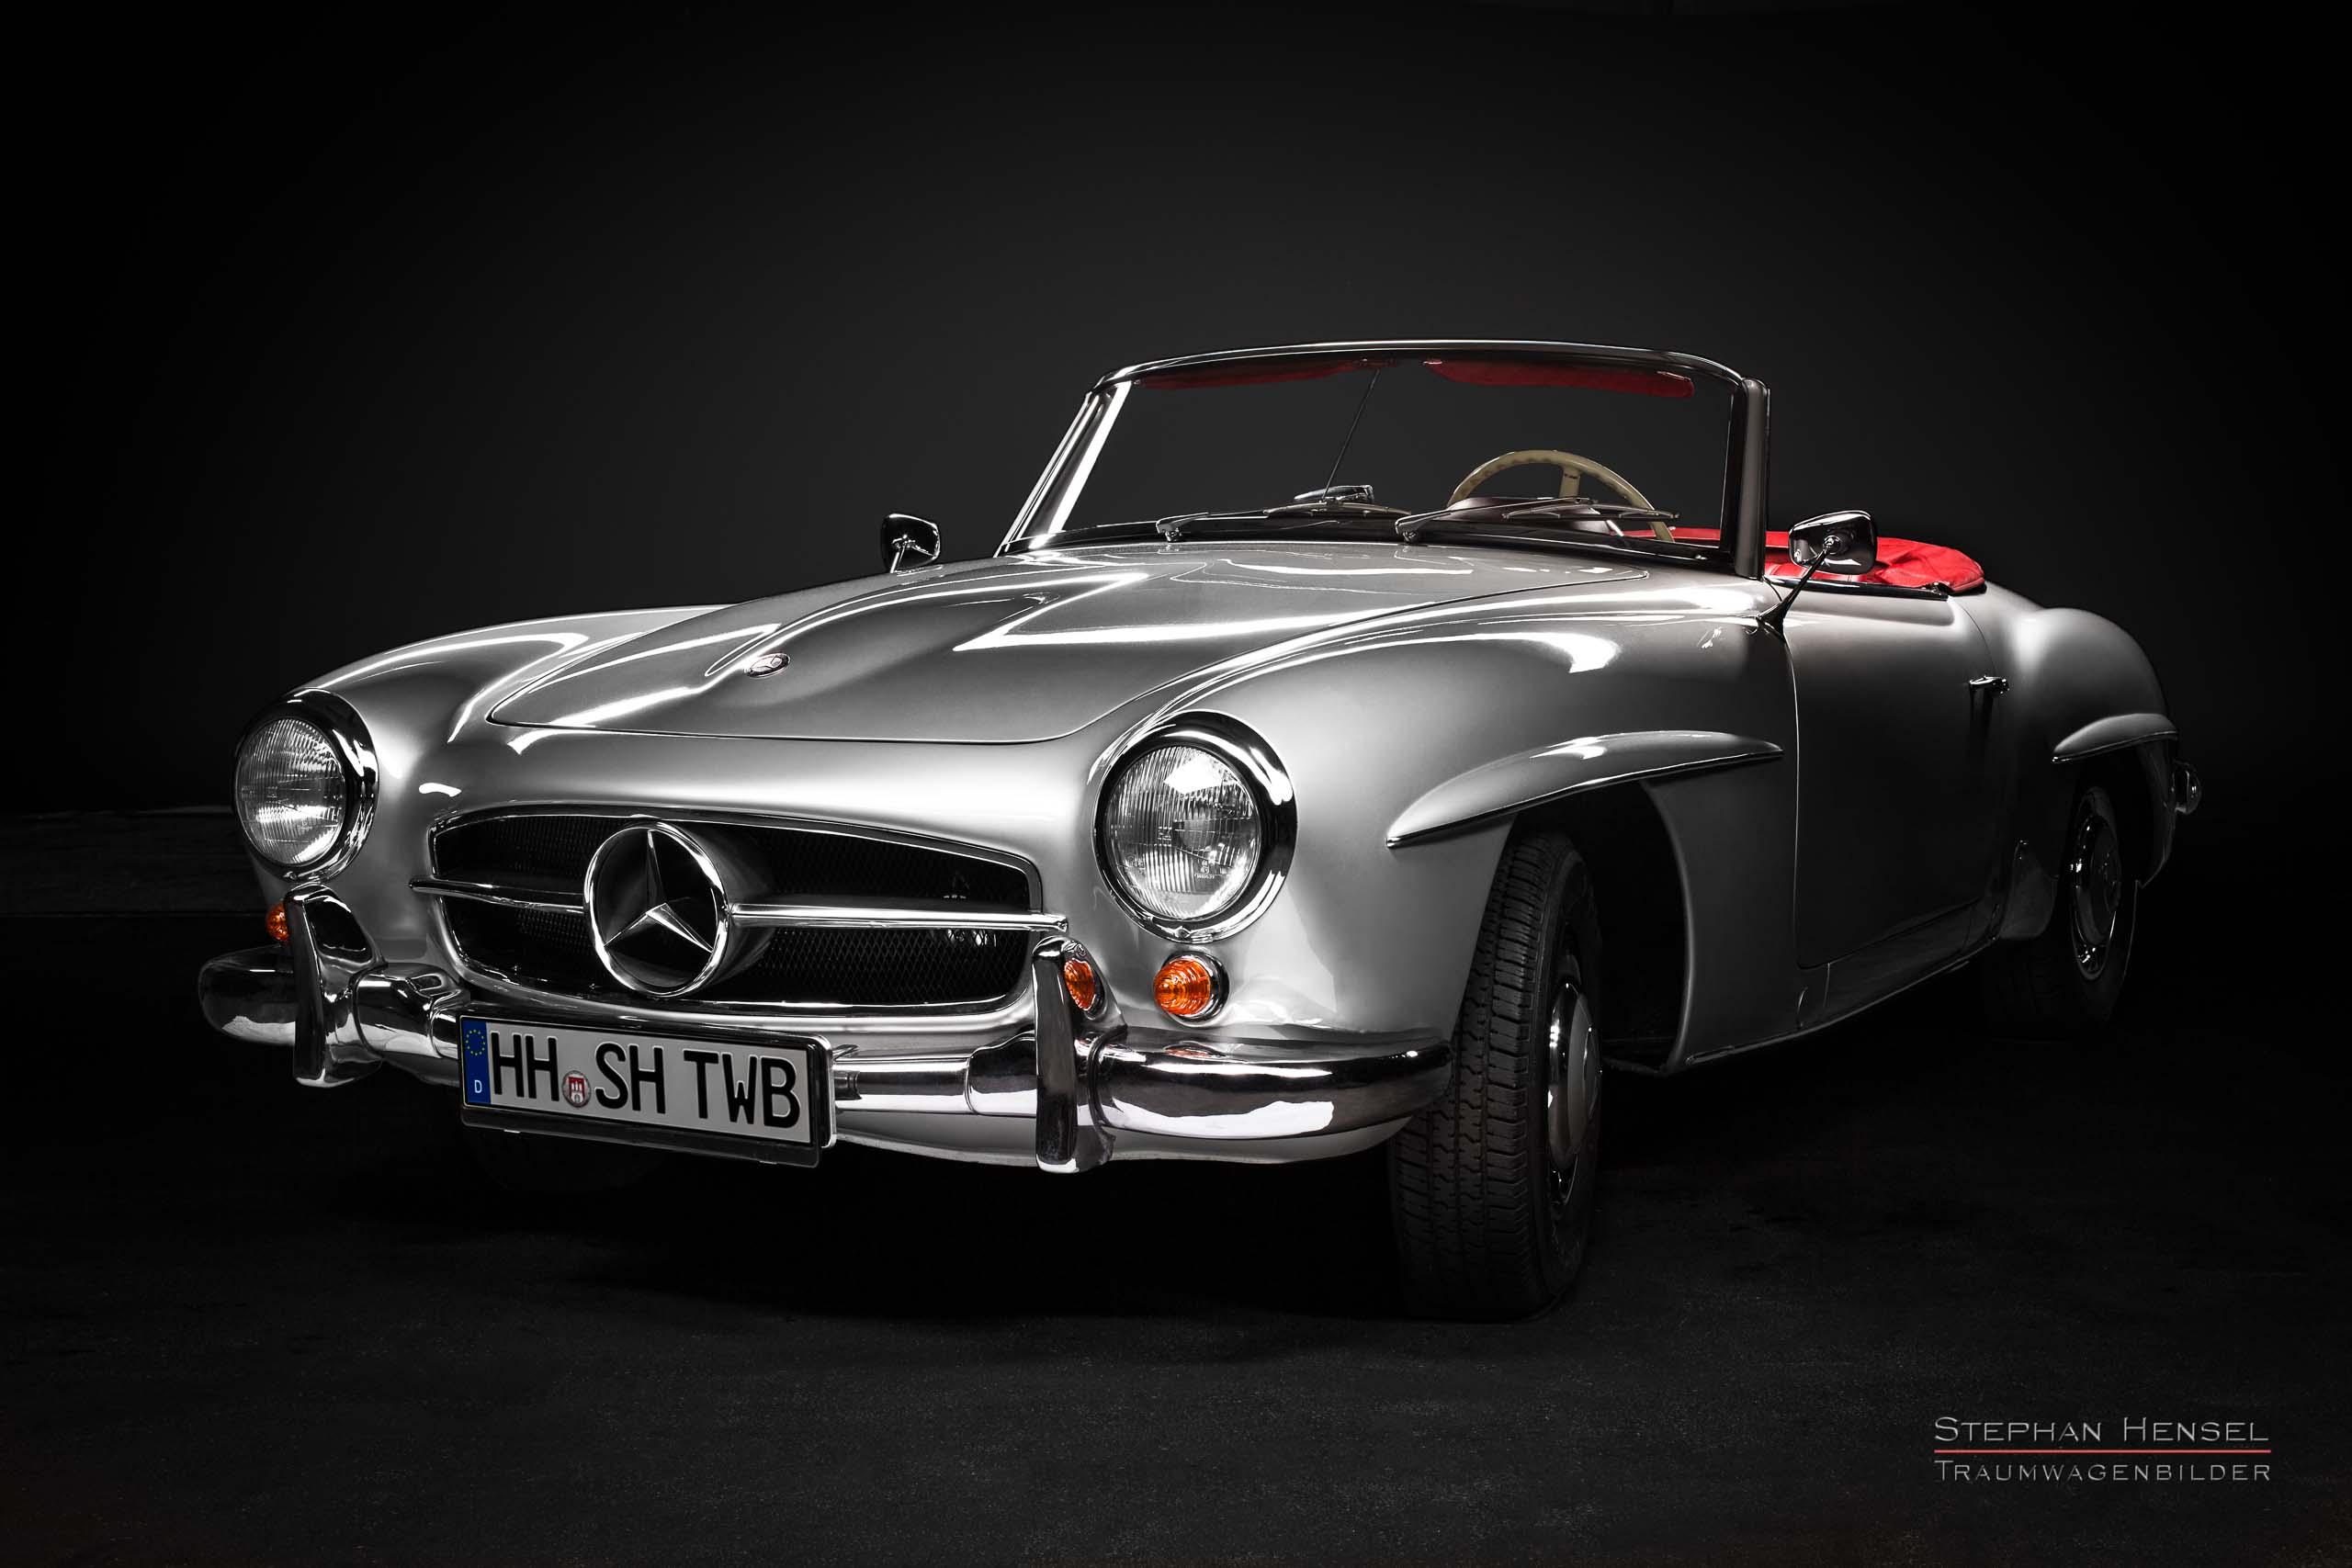 Mercedes-Benz 190 SL, Ansicht von vorn links, Autofotograf: Stephan Hensel, Oldtimerfotograf, Hamburg